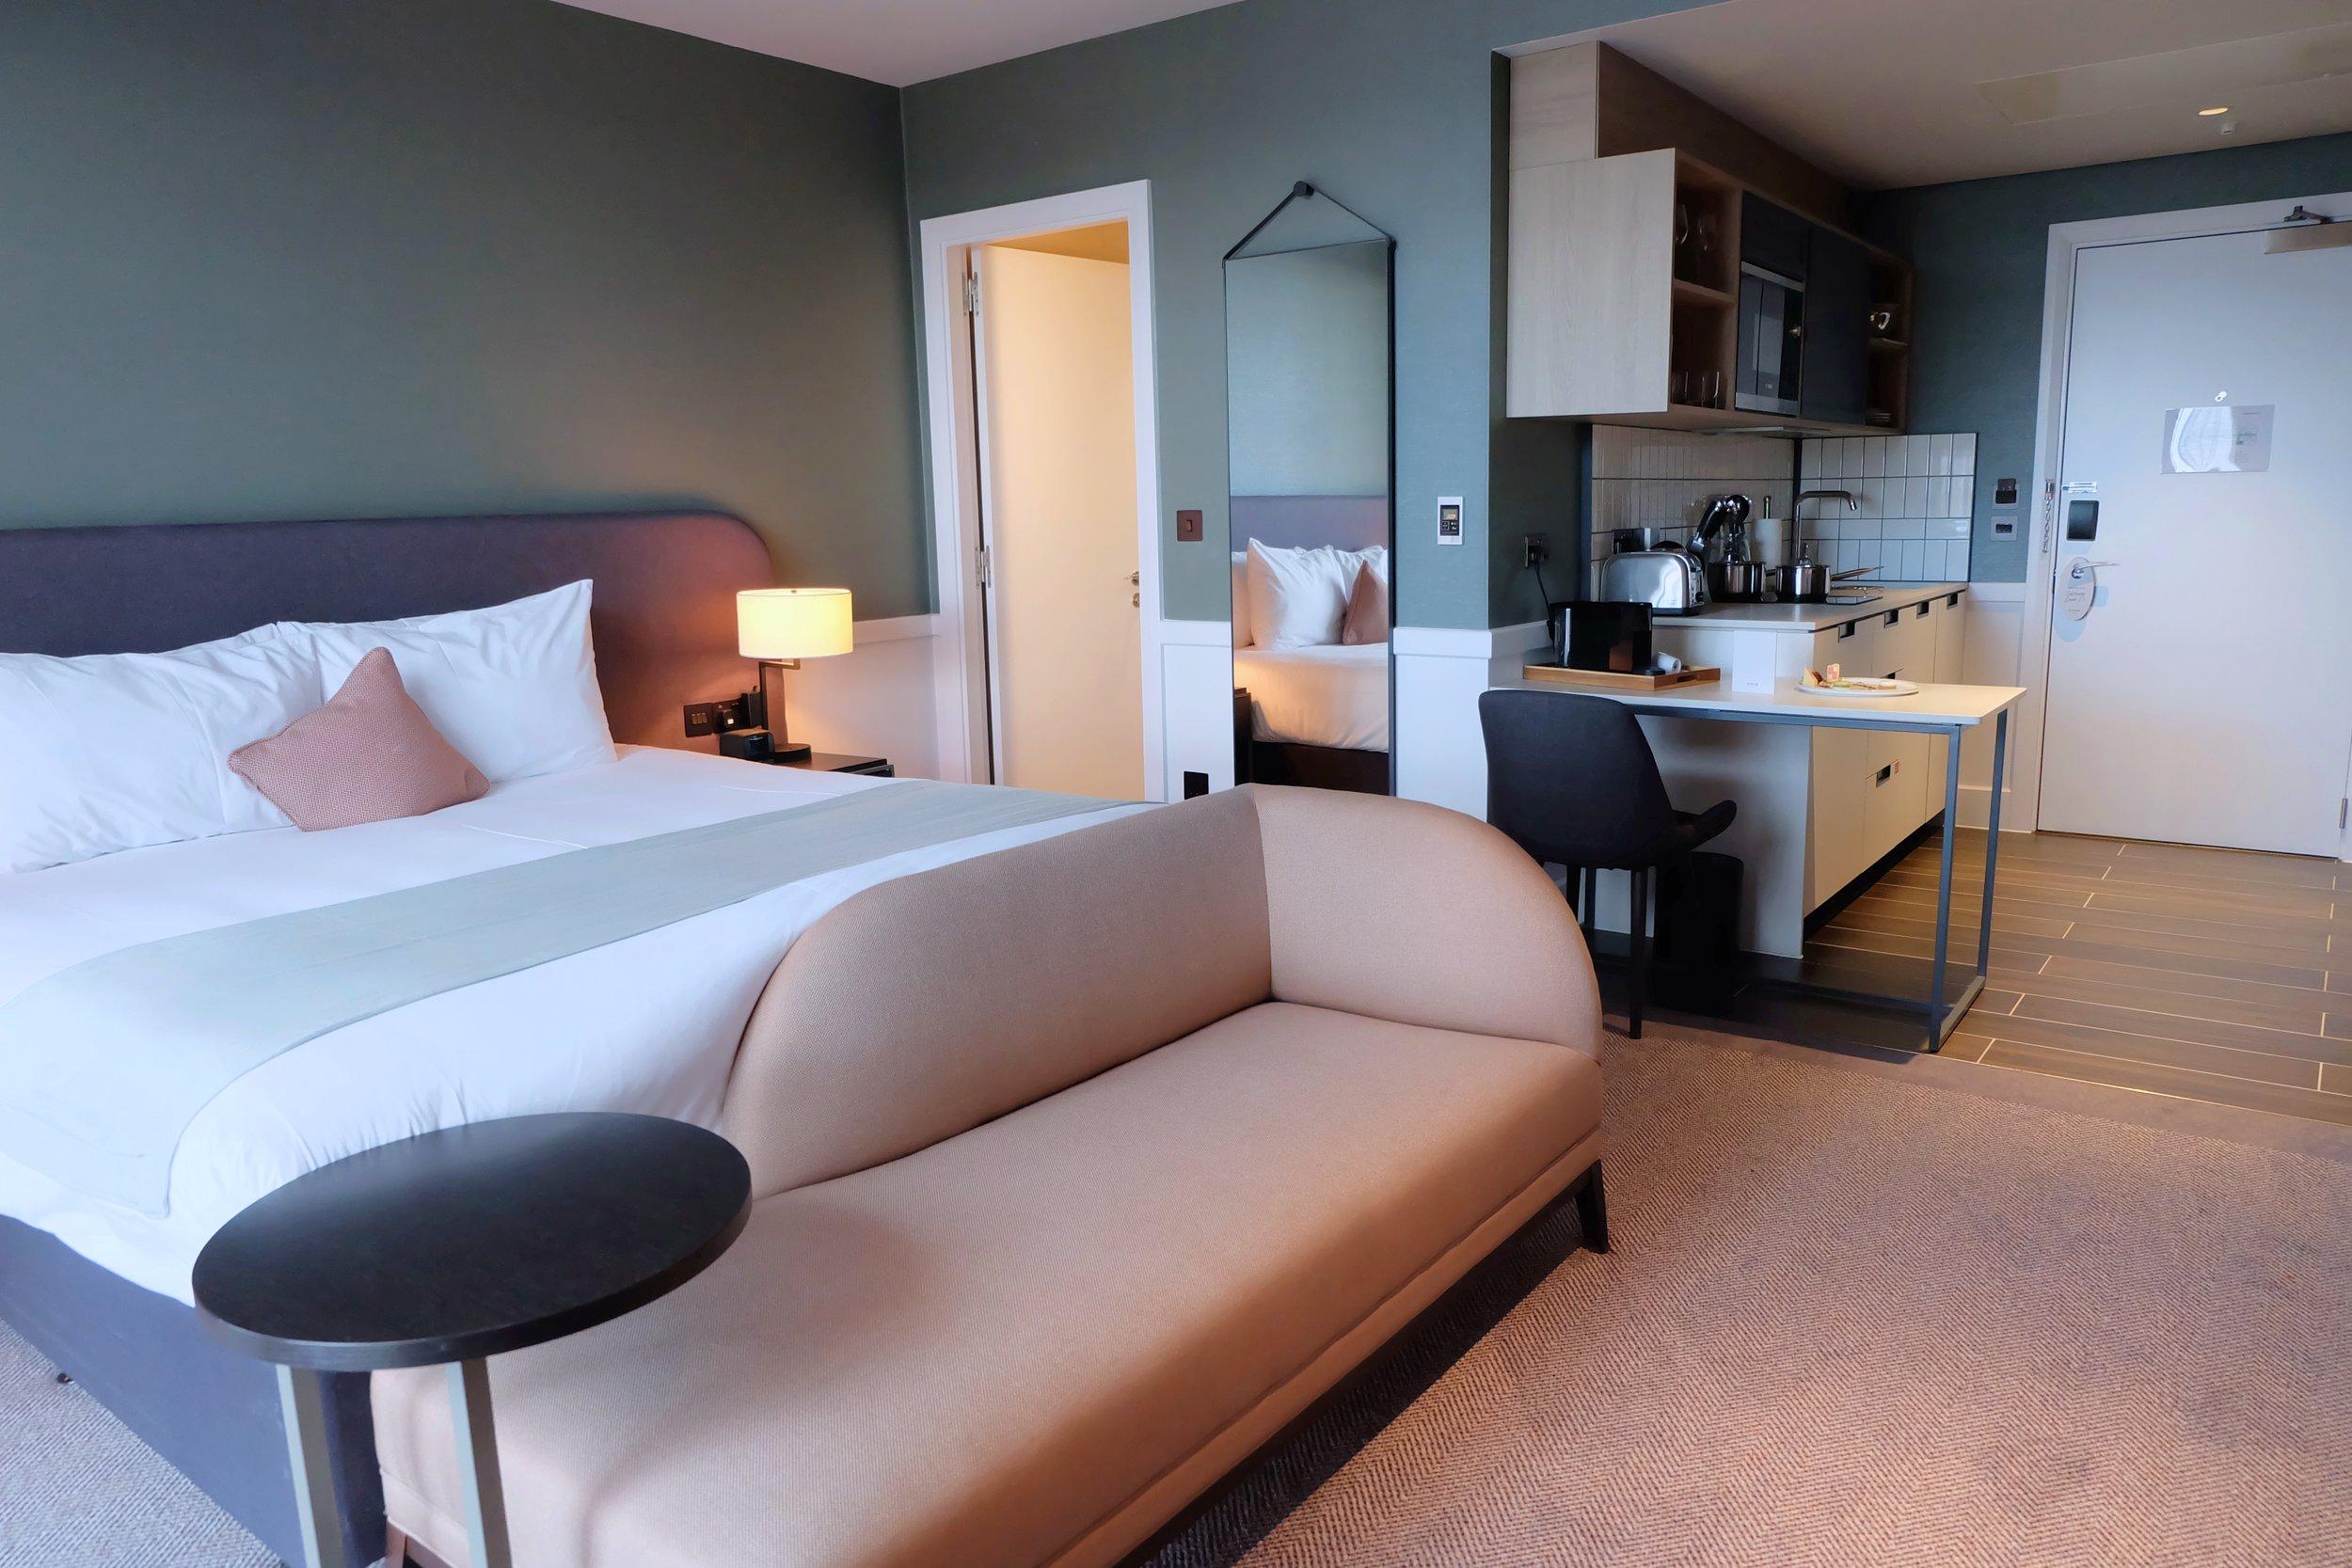 Staybridge Suites hotel room